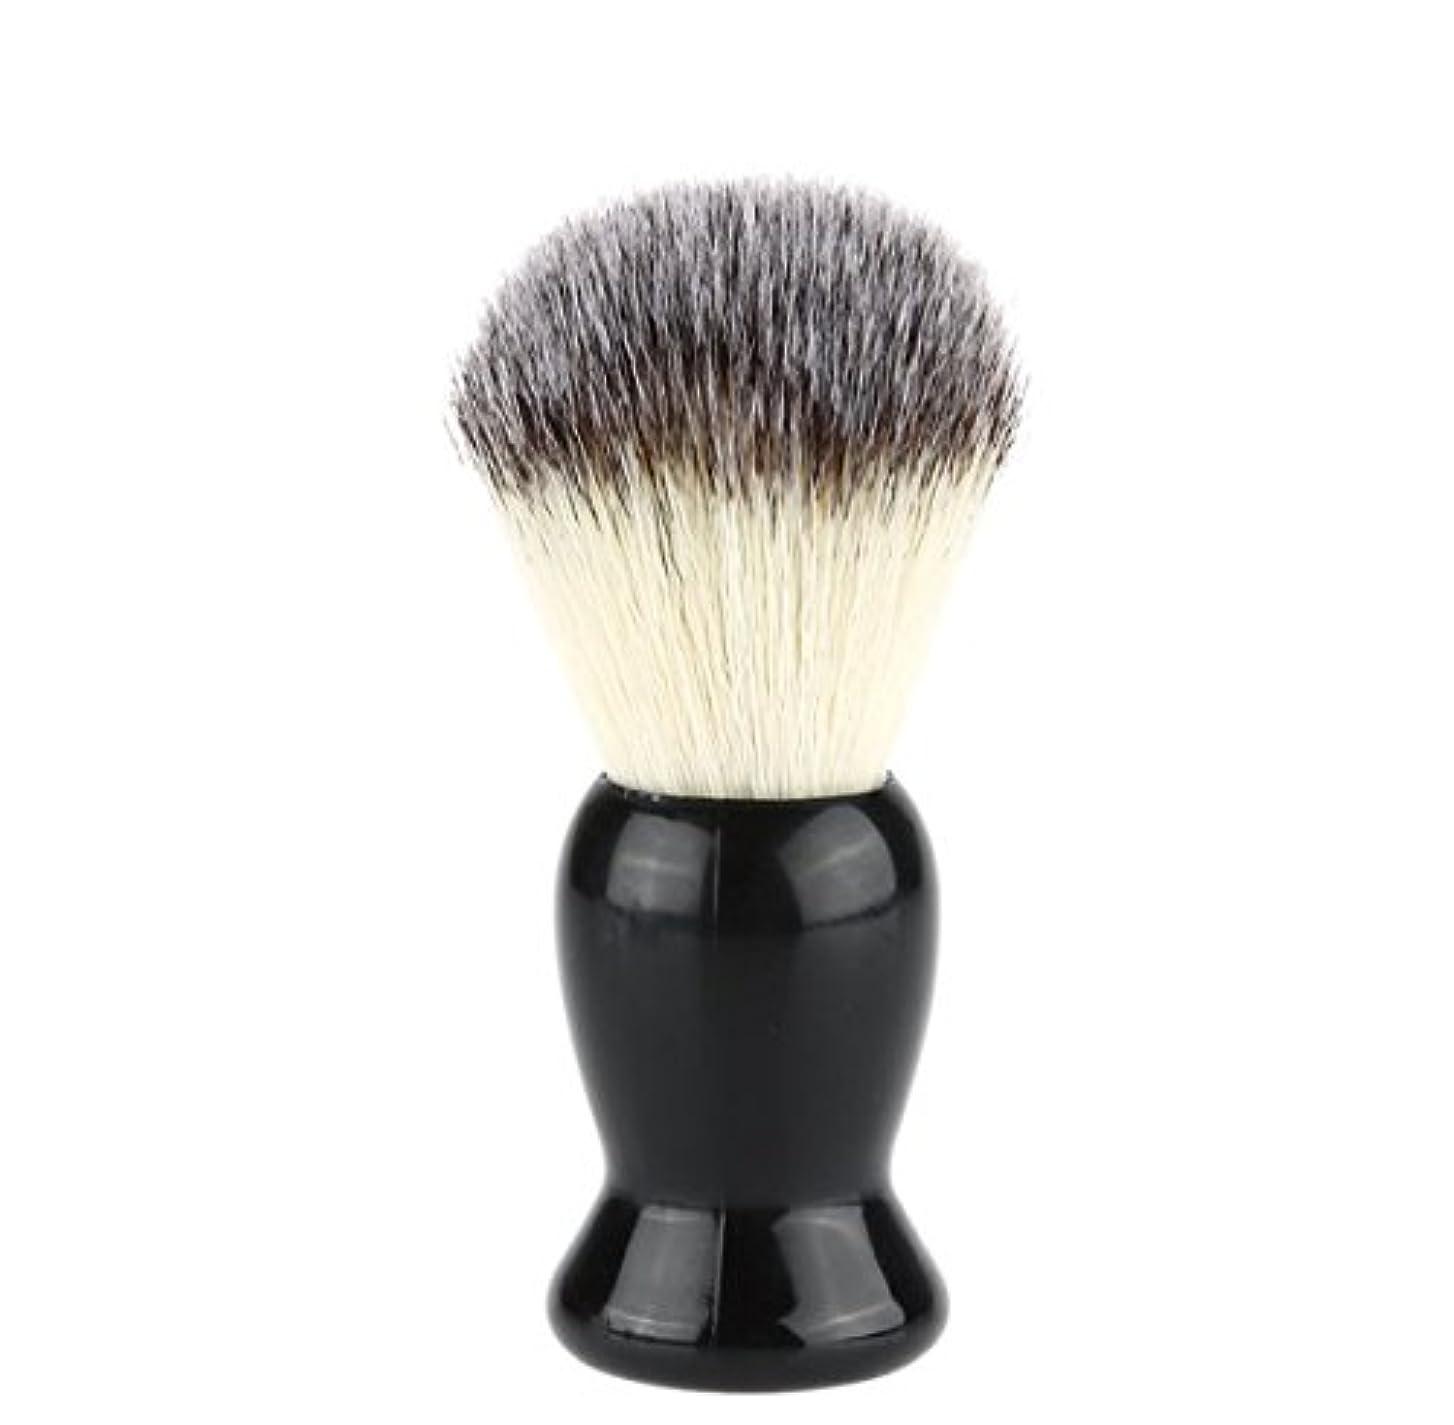 病気の起きている彼のSuperb Barber Salon Shaving Brush Black Handle Face Beard Cleaning Men Shaving Razor Brush Cleaning Appliance...